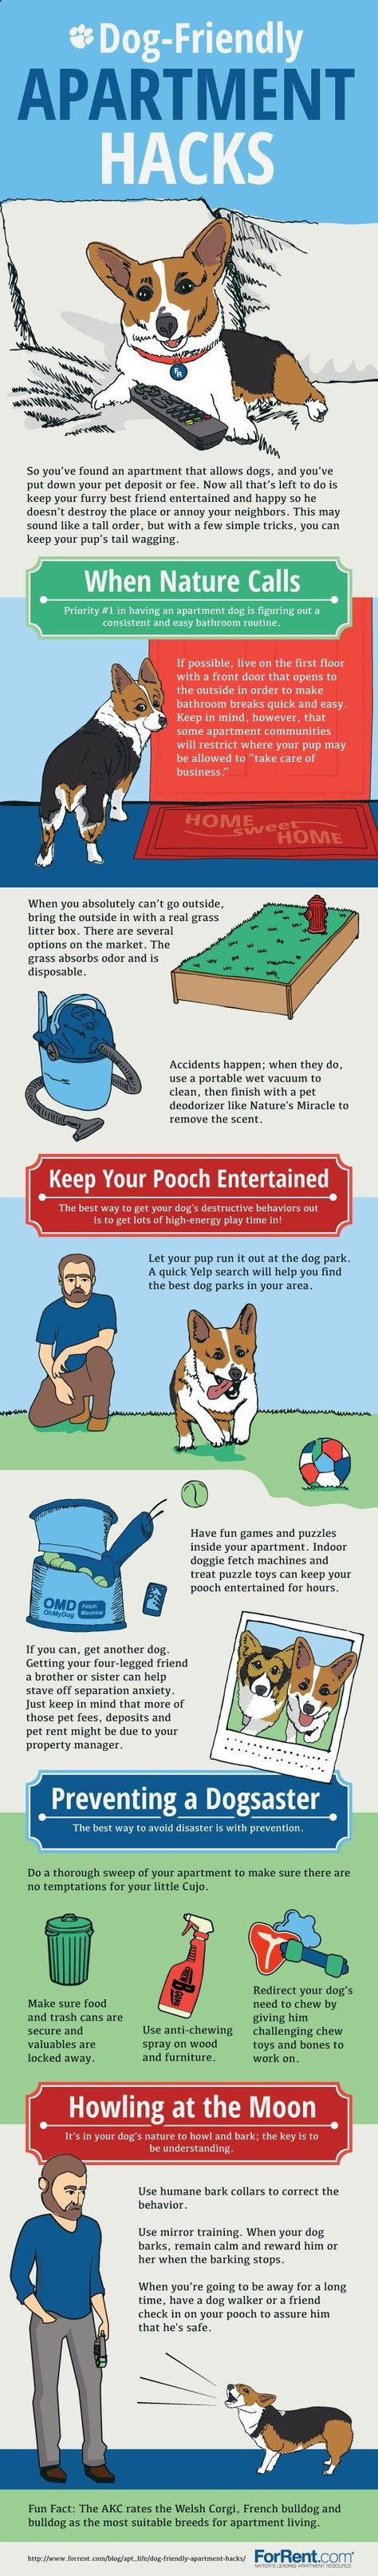 Dog Friendly Apartment Hacks Dog Friendly Apartments Dog Friends Dog Hacks